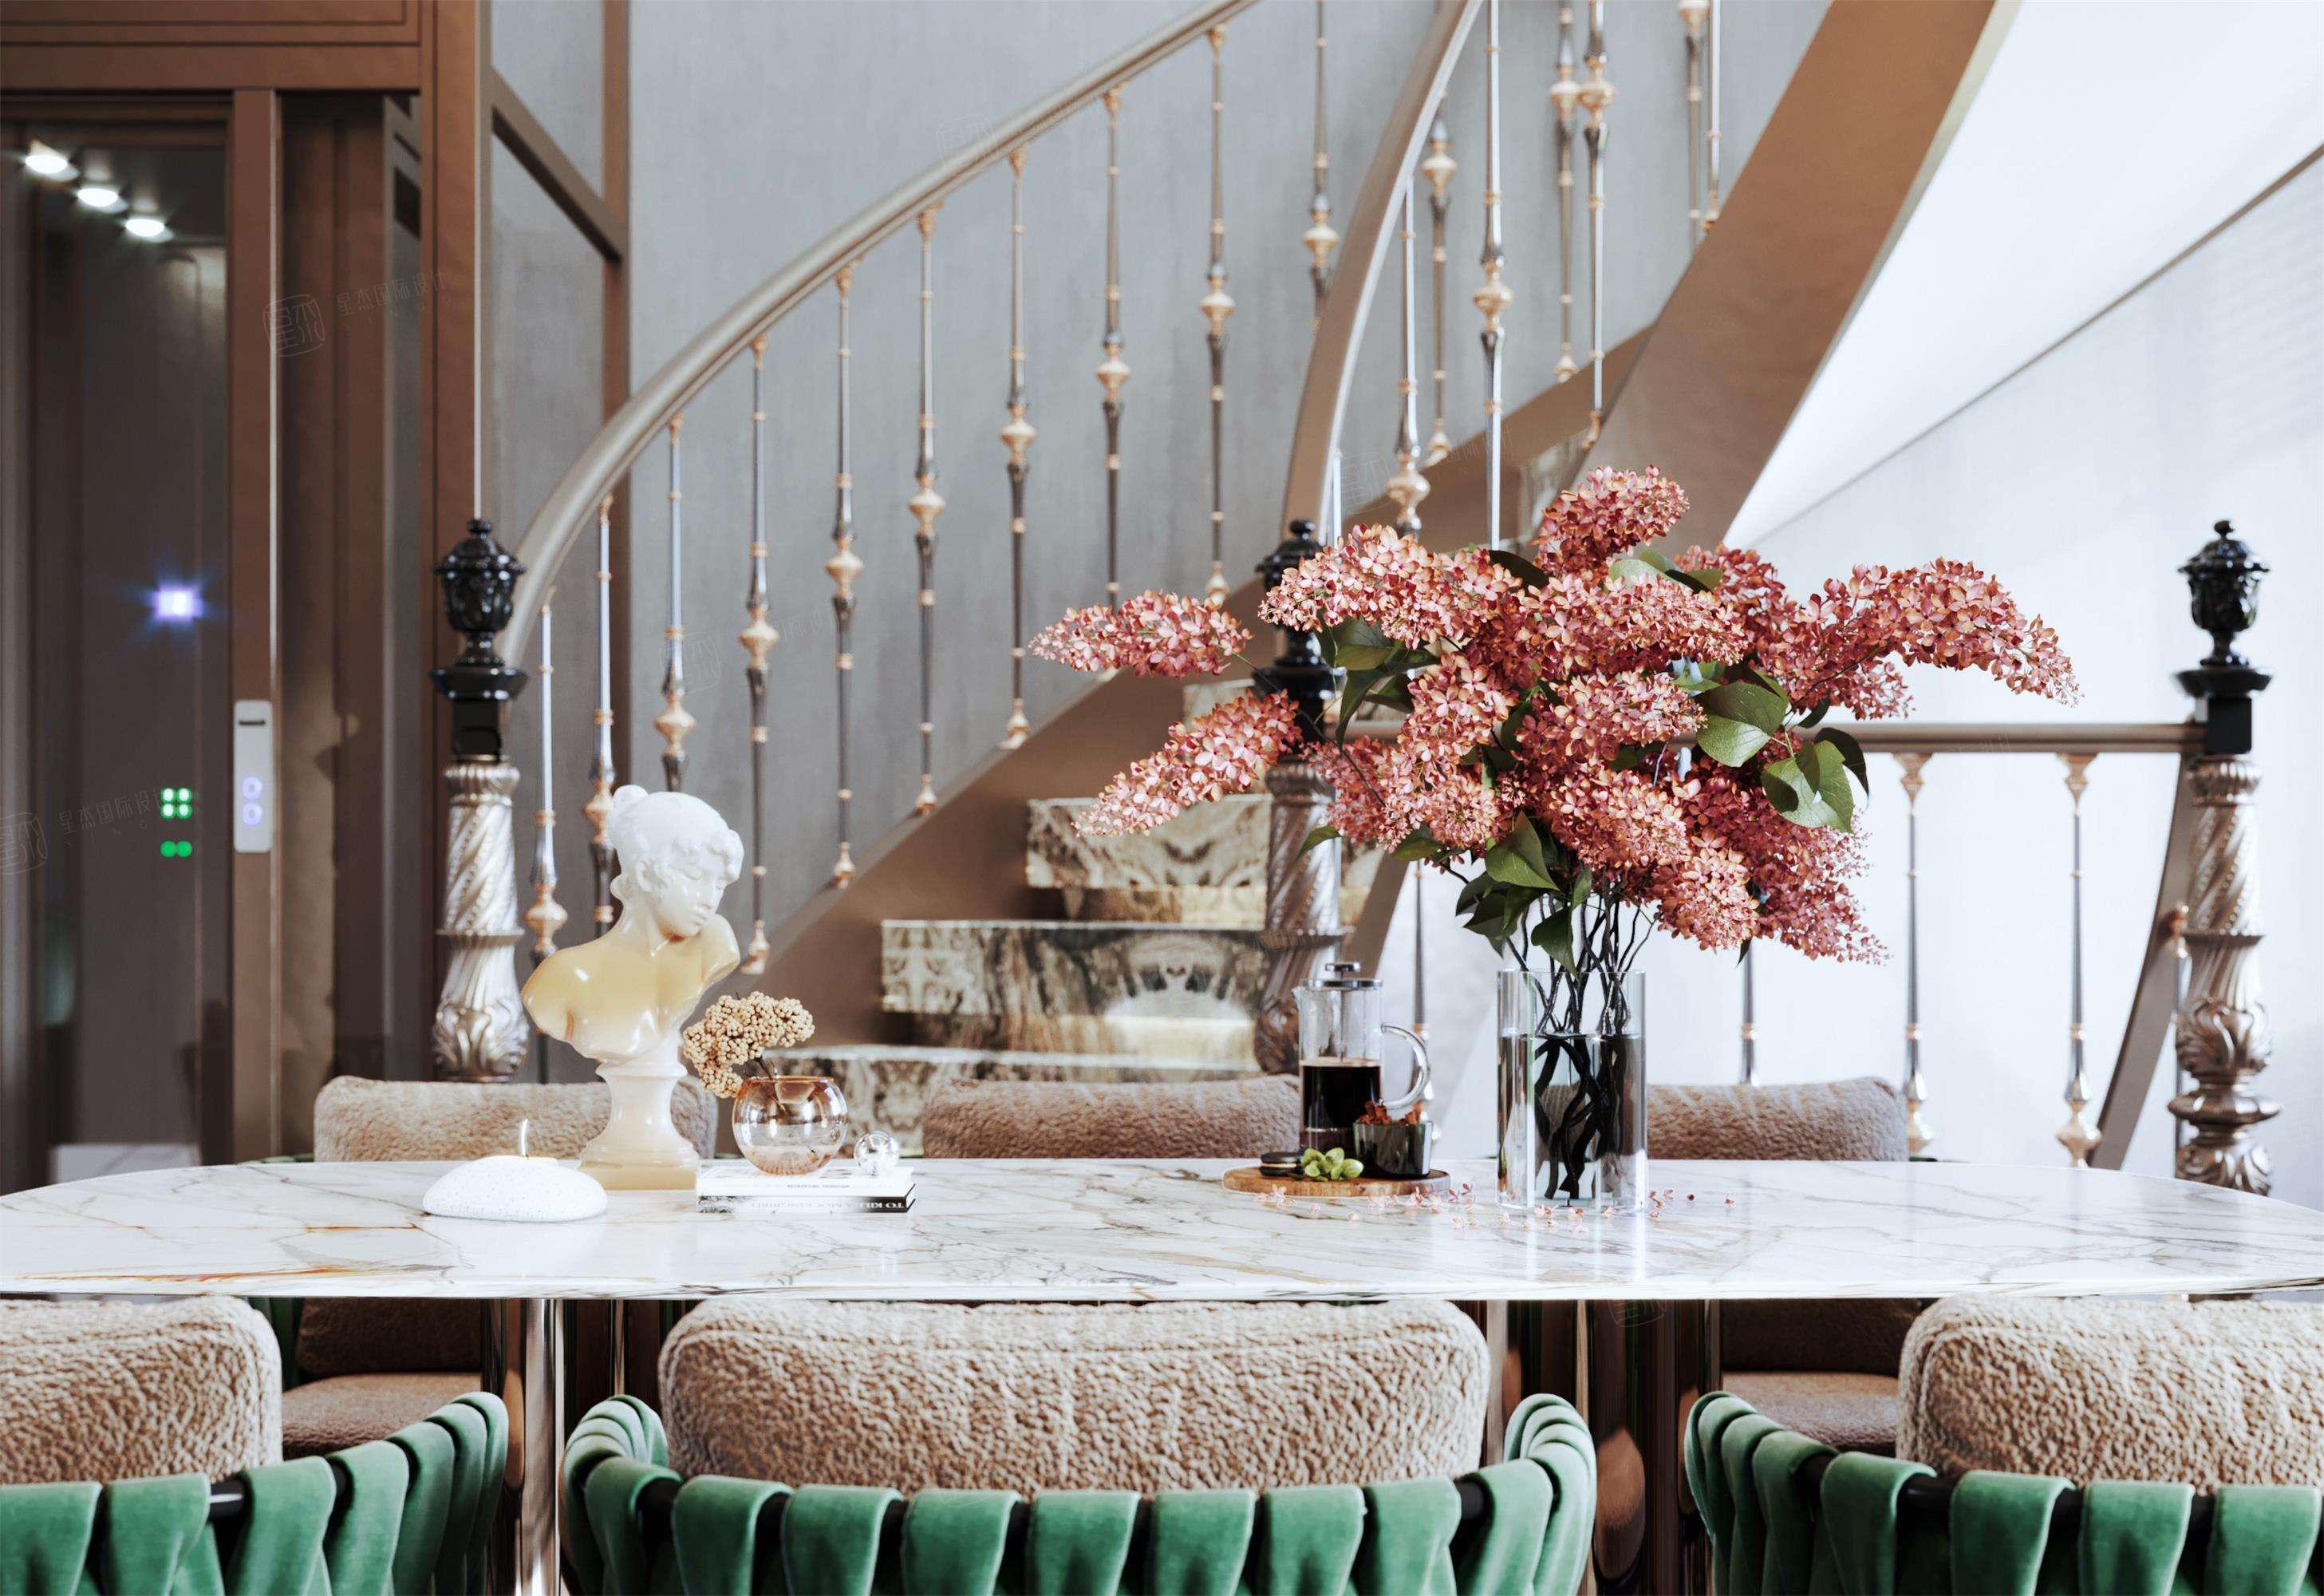 尚海格调-轻奢室内先生的精睿墅装修楼梯效果图